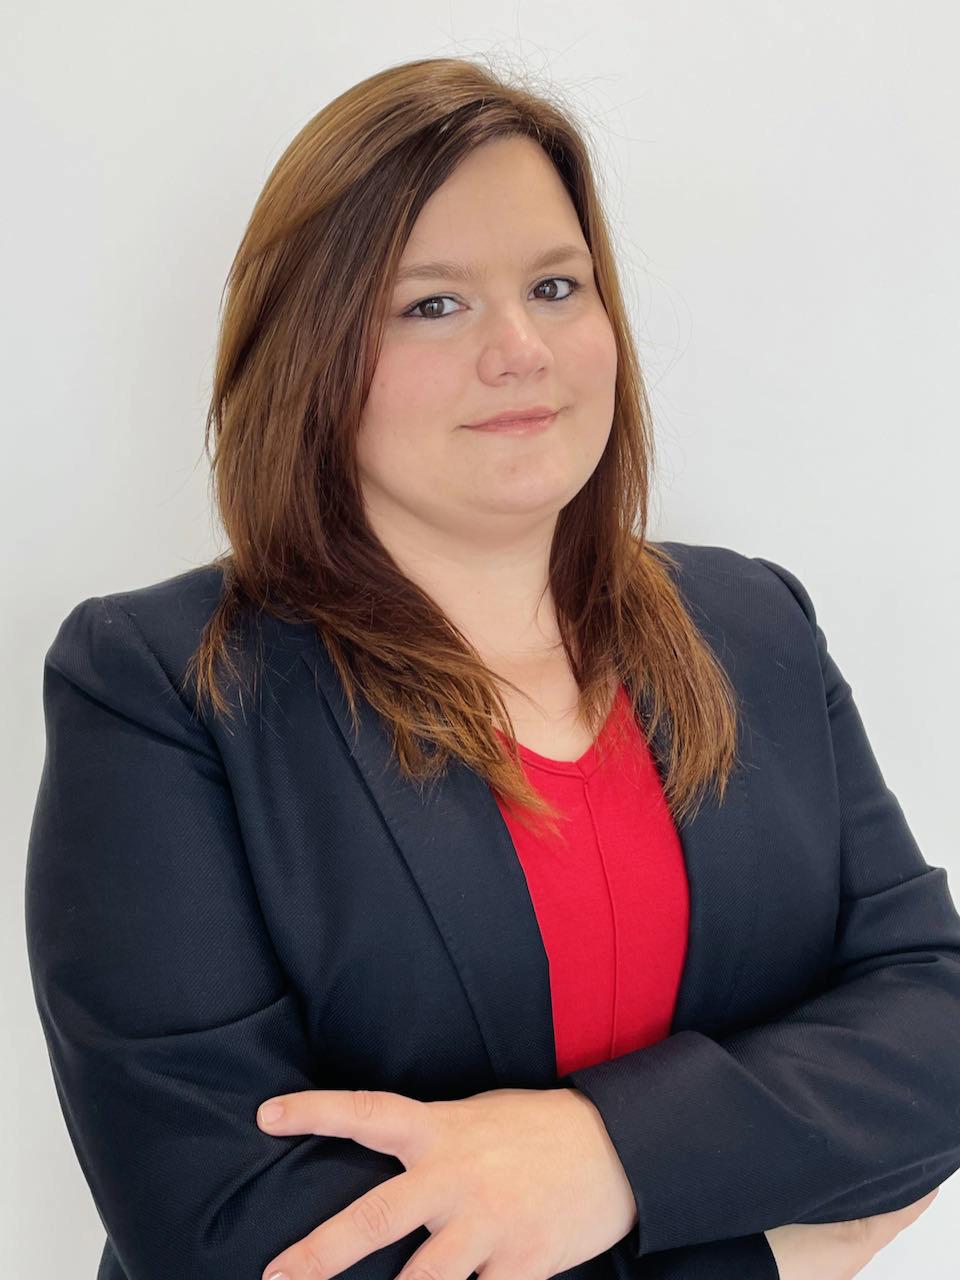 Sra. Jacqueline Monesma Martínez